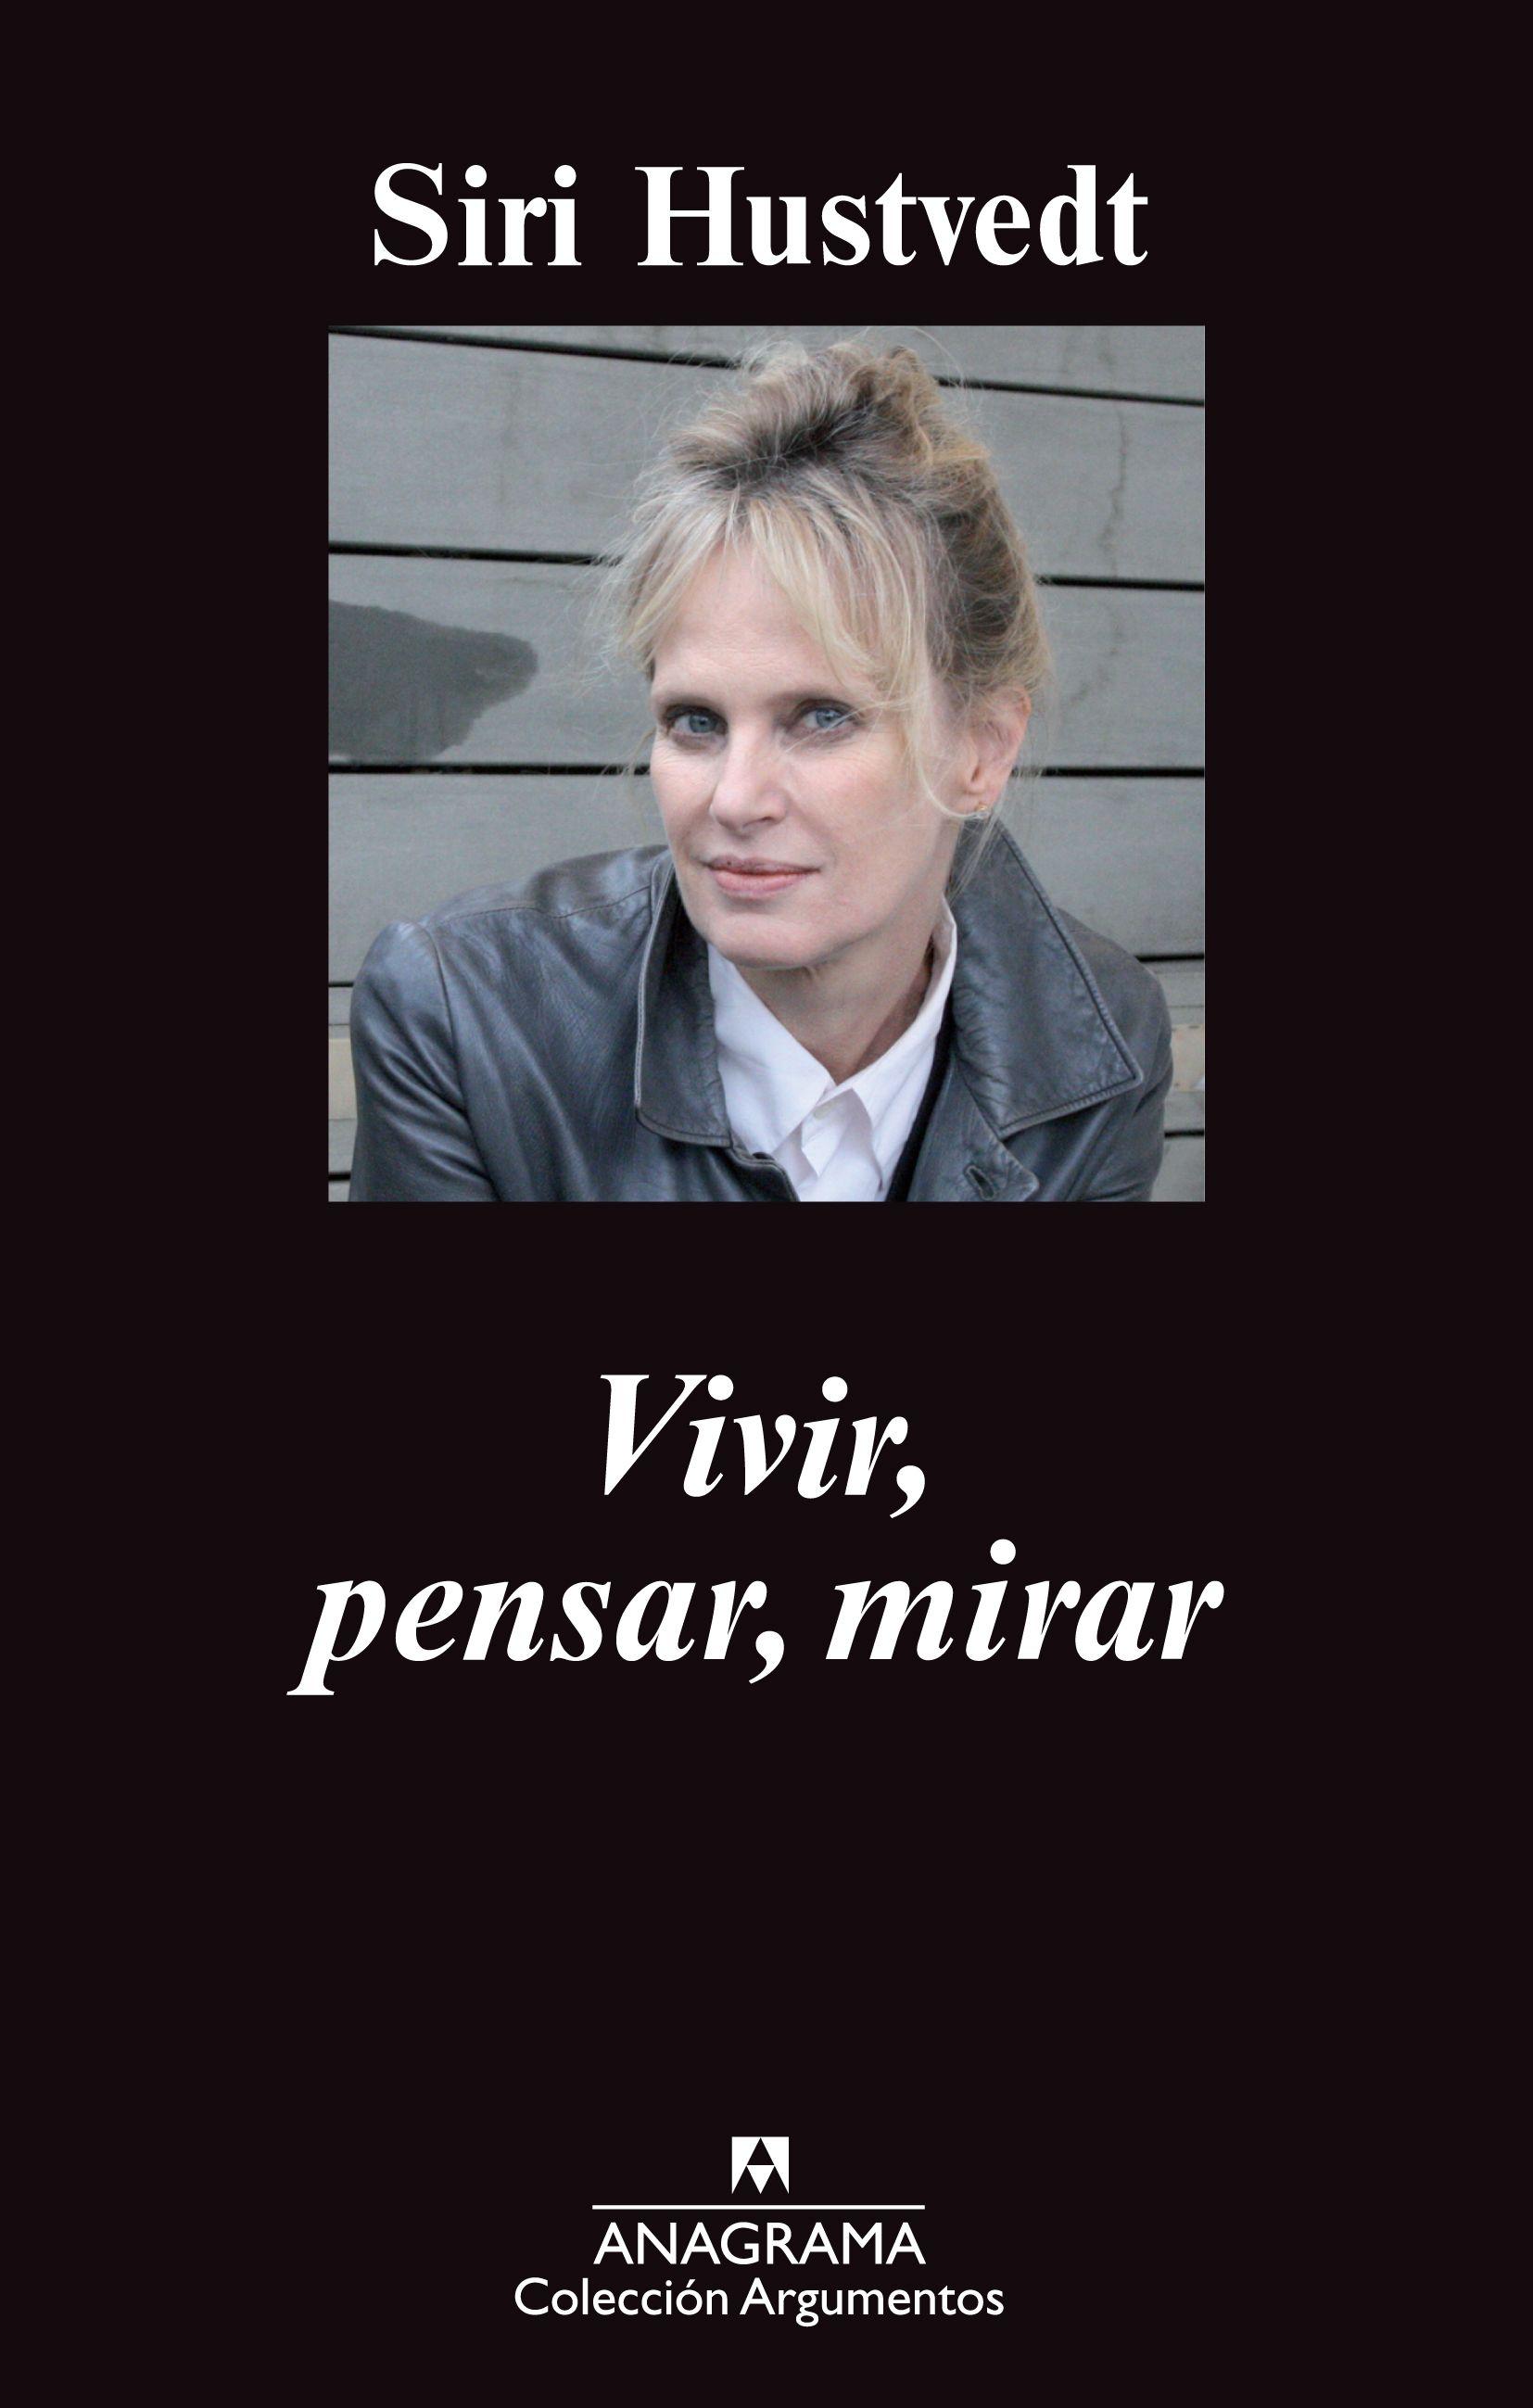 Vivir, pensar, mirar - Hustvedt, Siri - 978-84-339-6361-1 - Editorial  Anagrama